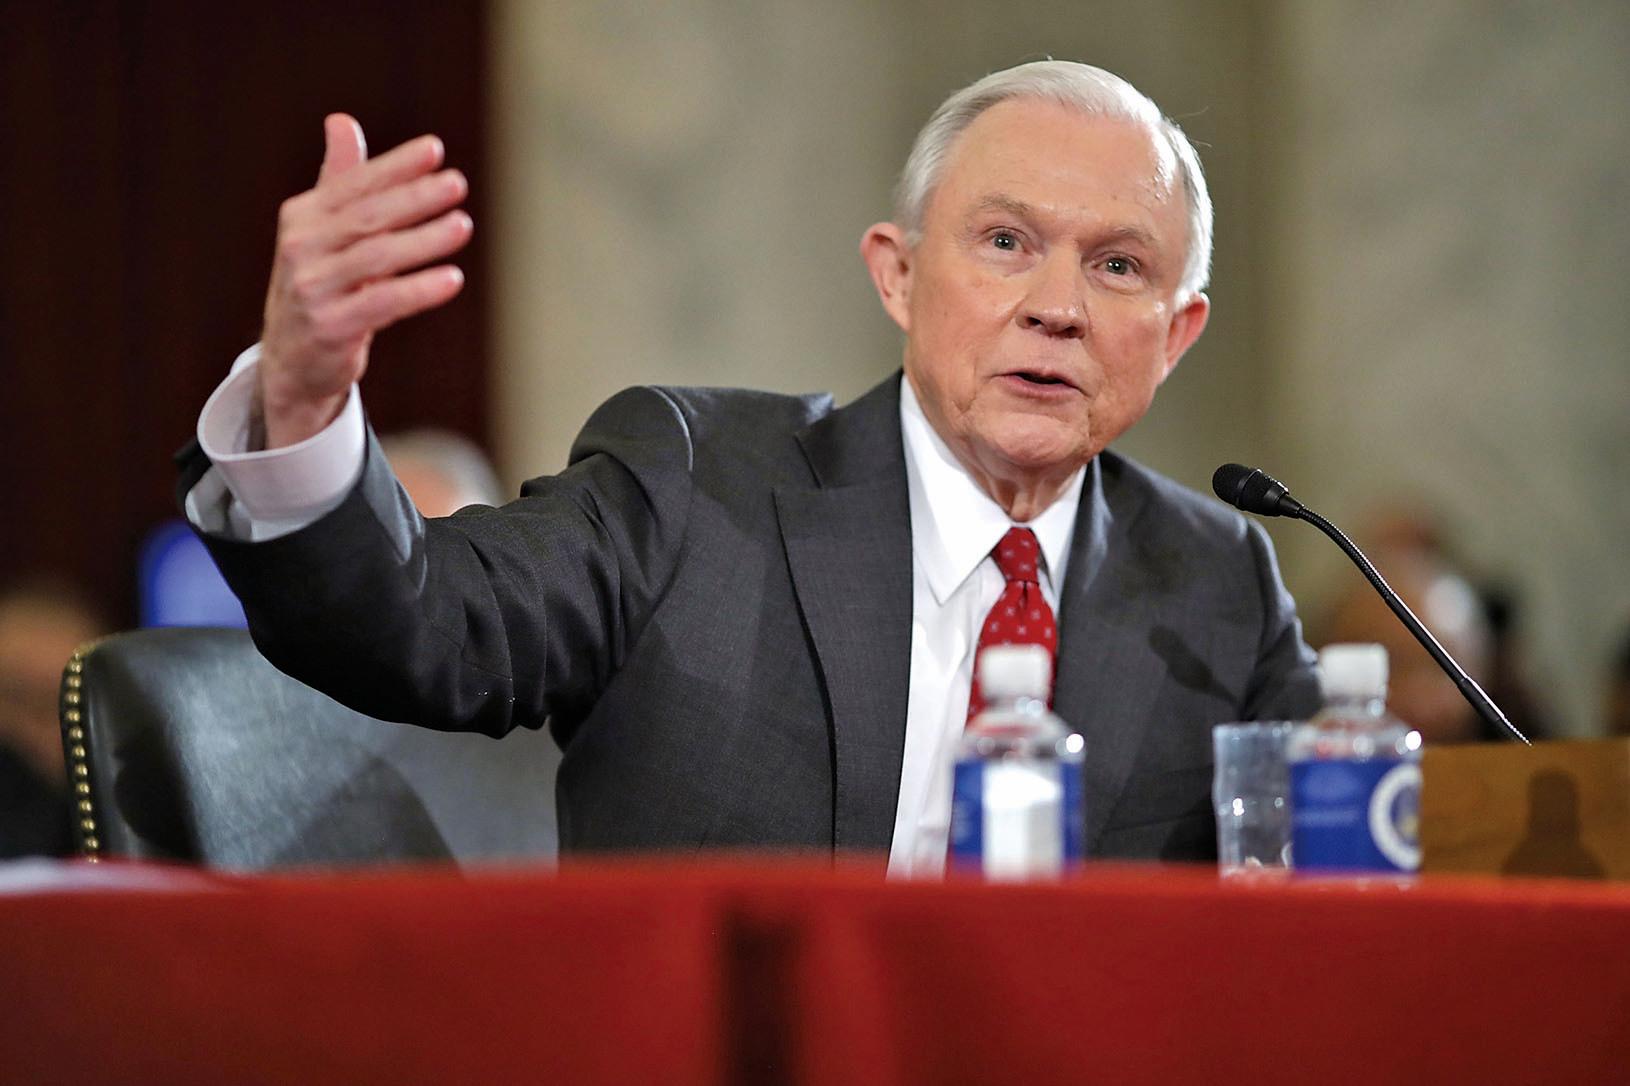 參議院司法委員會主席格拉斯利(Charles Grassley)周二下午宣佈,該委員會將對司法部長提名人塞申斯(Jeff Sessions)的投票表決推遲到周三。(Getty Images)